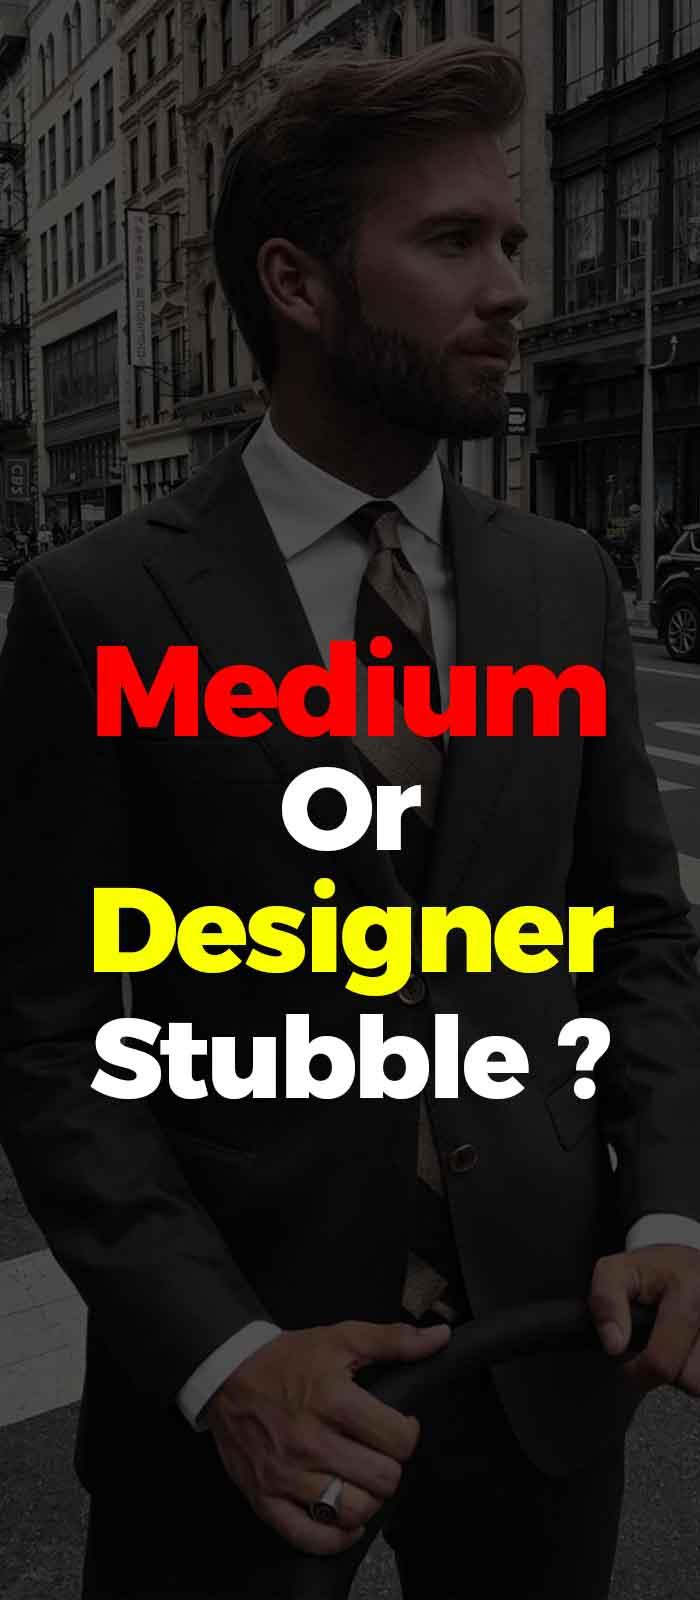 Designer stubble beard style for men!